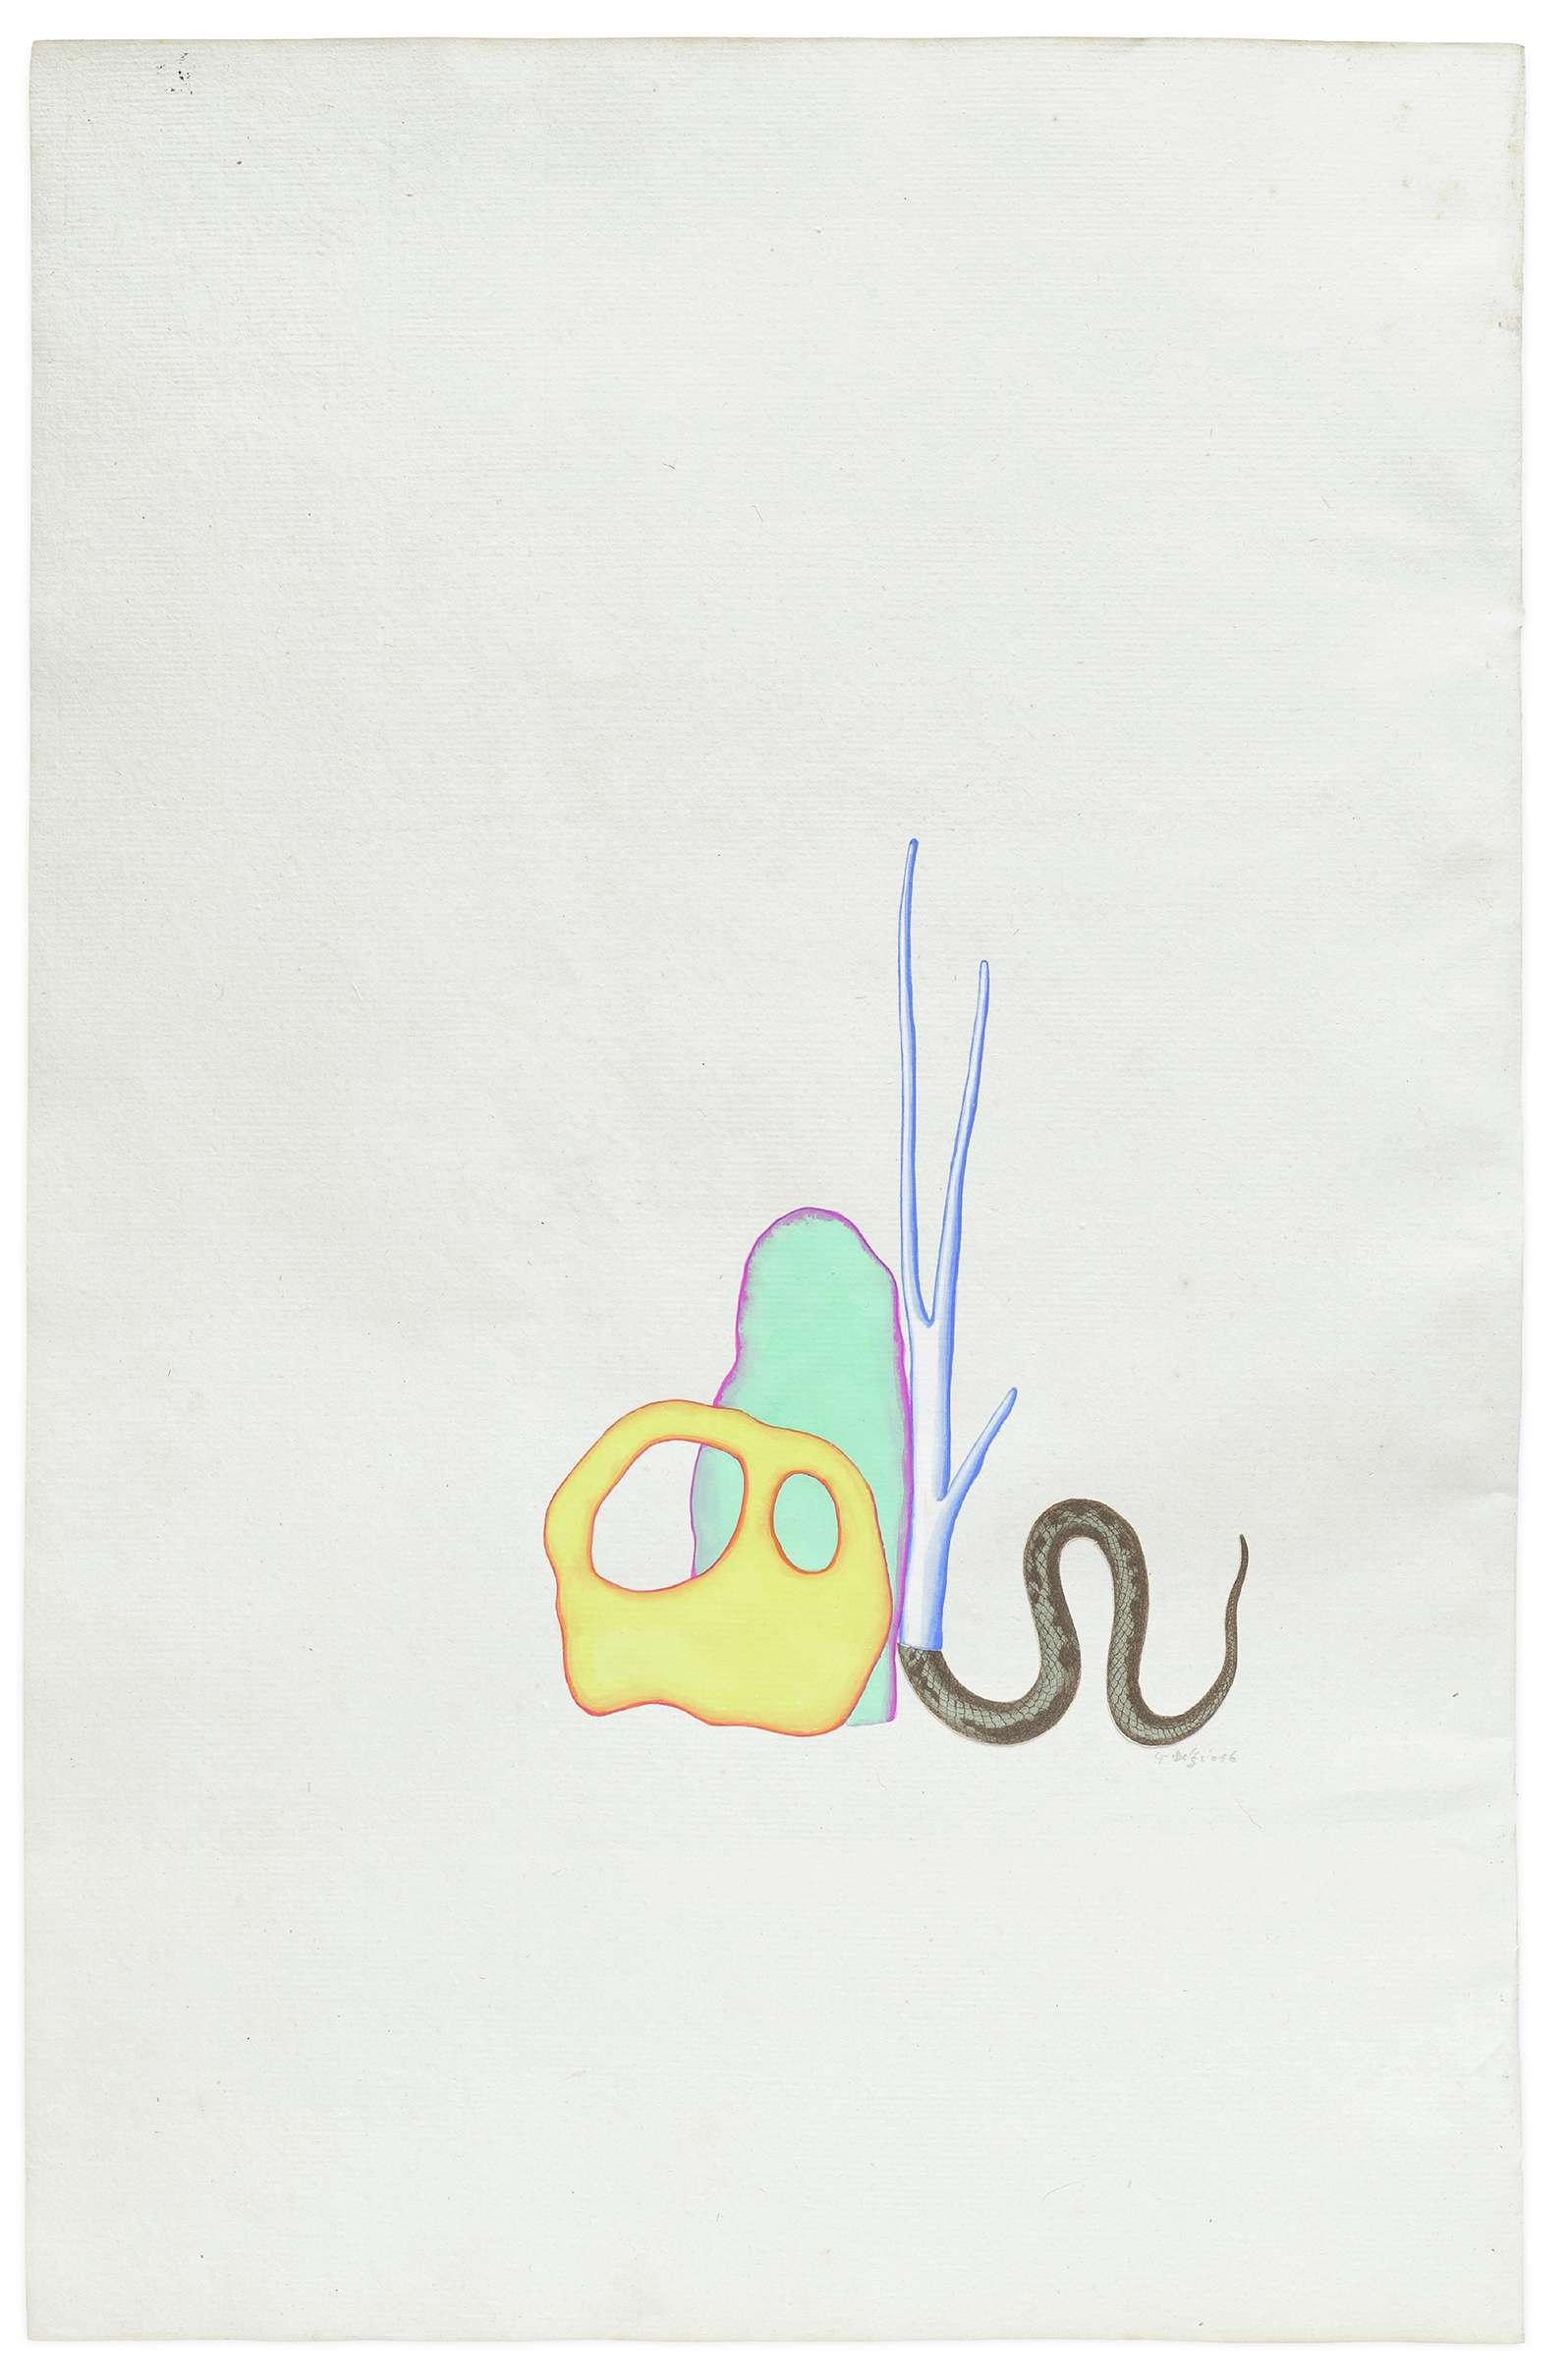 Guillaume Dégé, Sans titre, 2016 Gouache et collage sur papier XVIIIe44.4 × 29.1 cm / 17 1/2 × 11 1/2 in.